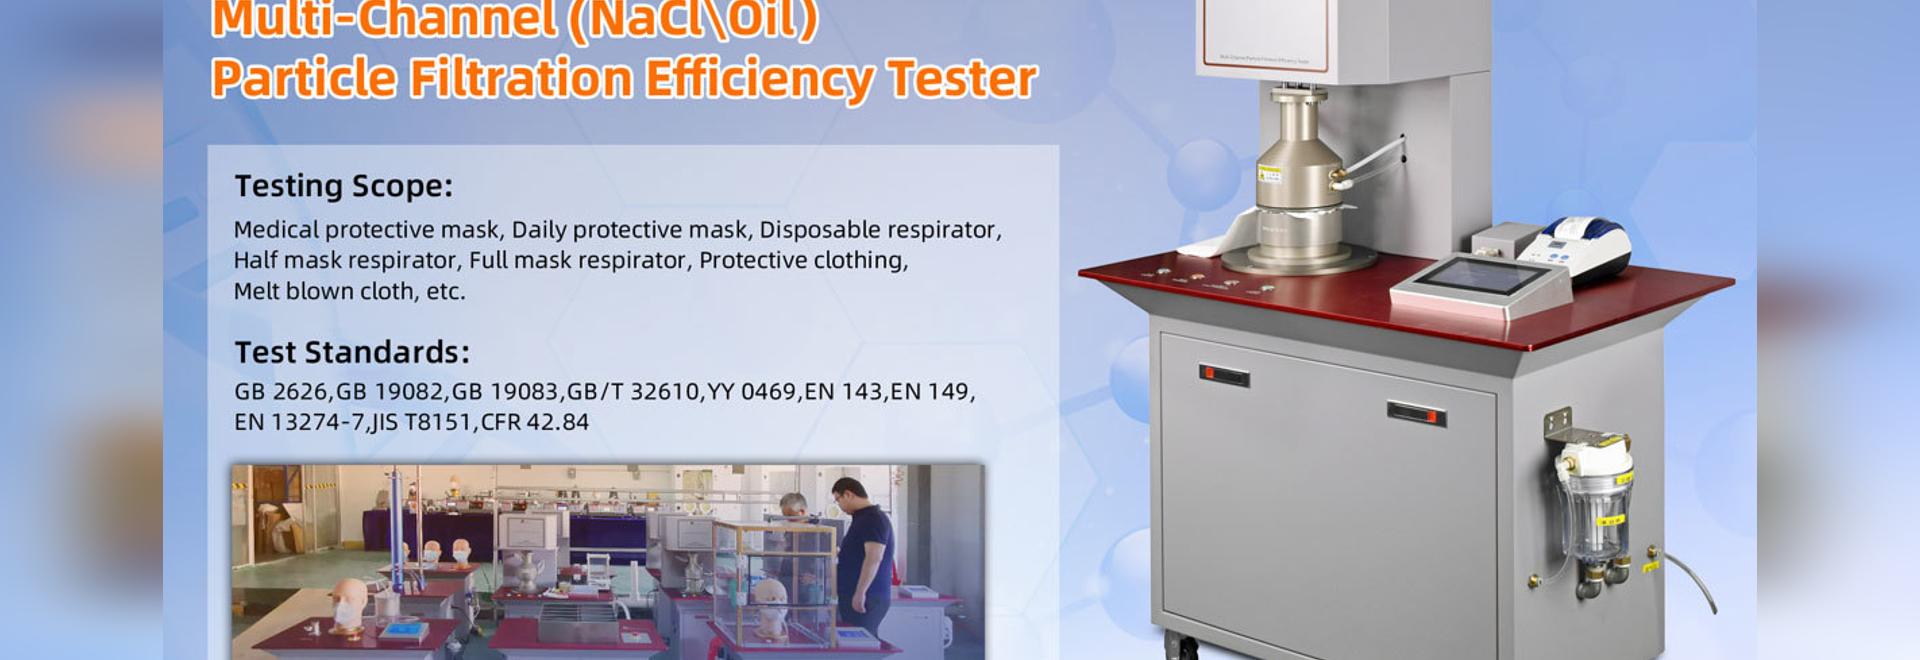 Testeur d'efficacité de filtration de particules multi-canaux 2.0